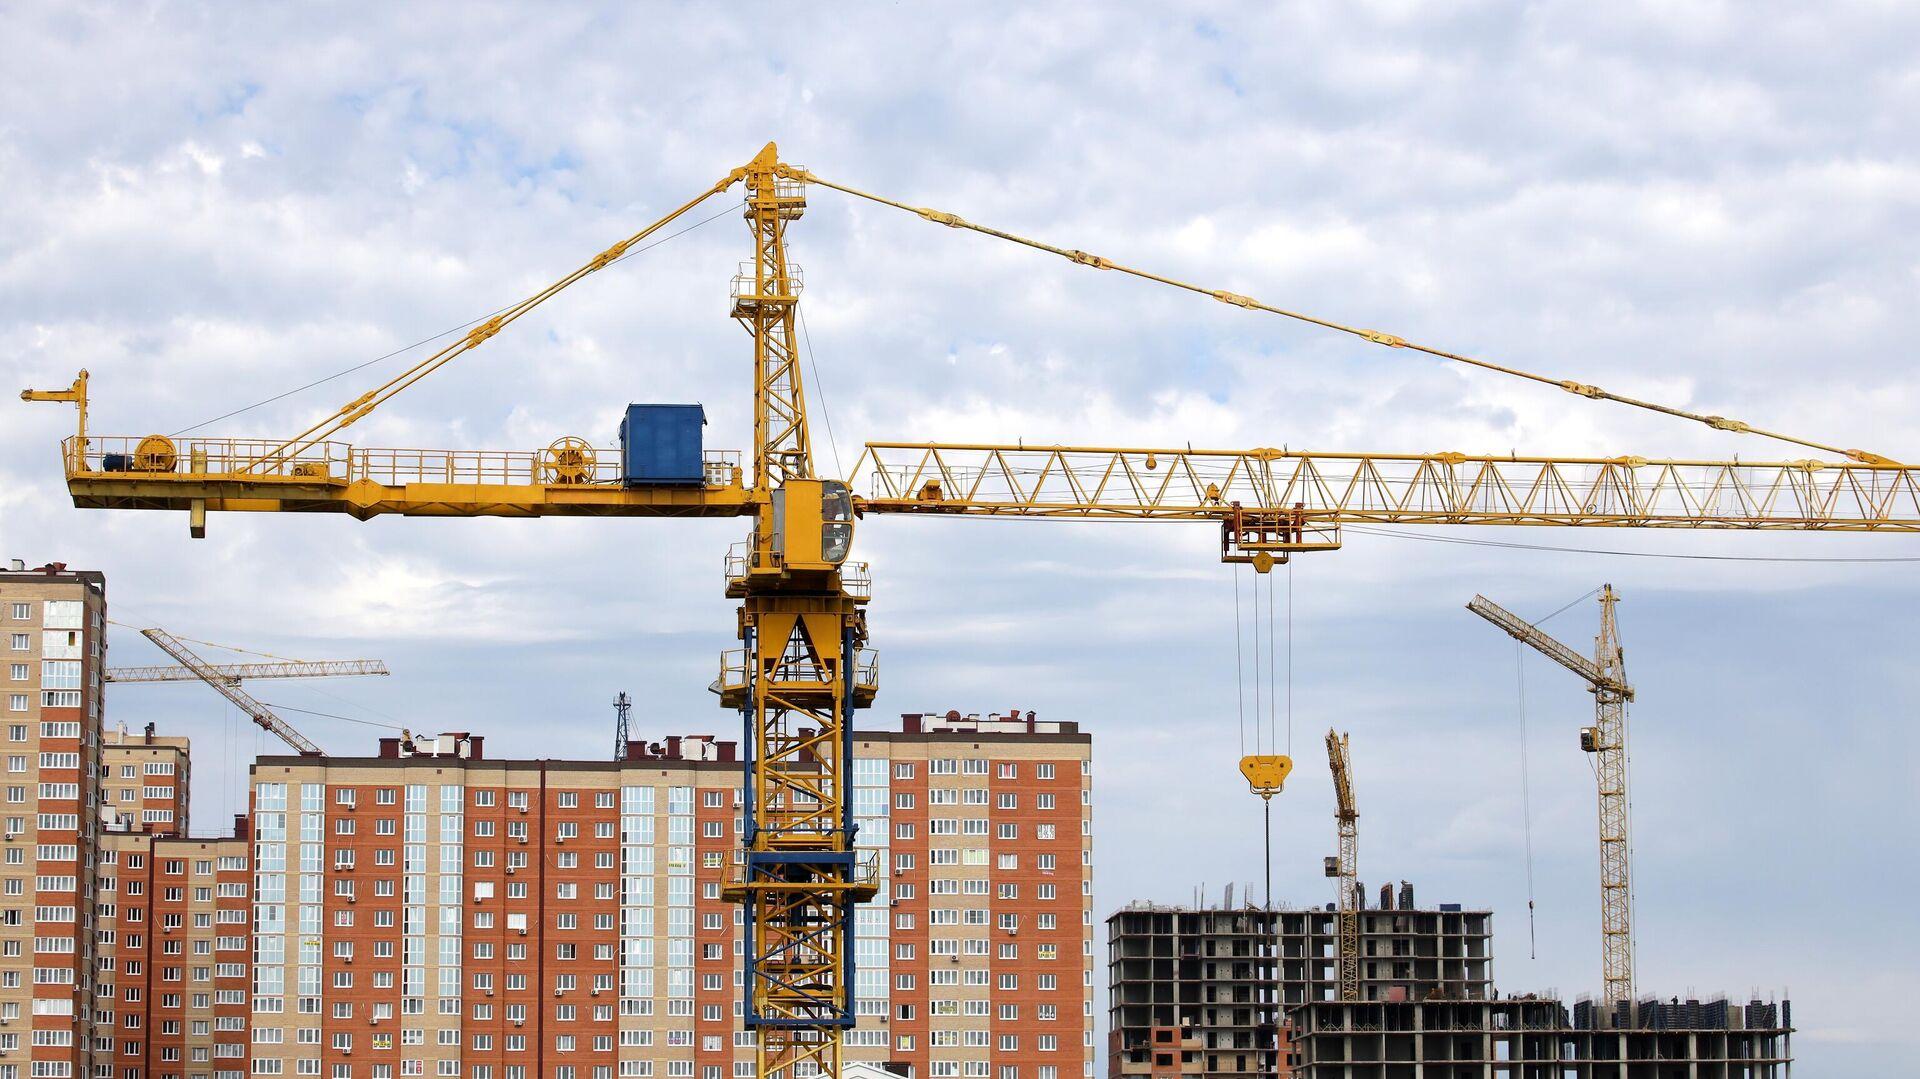 Строительство жилых домов - РИА Новости, 1920, 02.12.2020